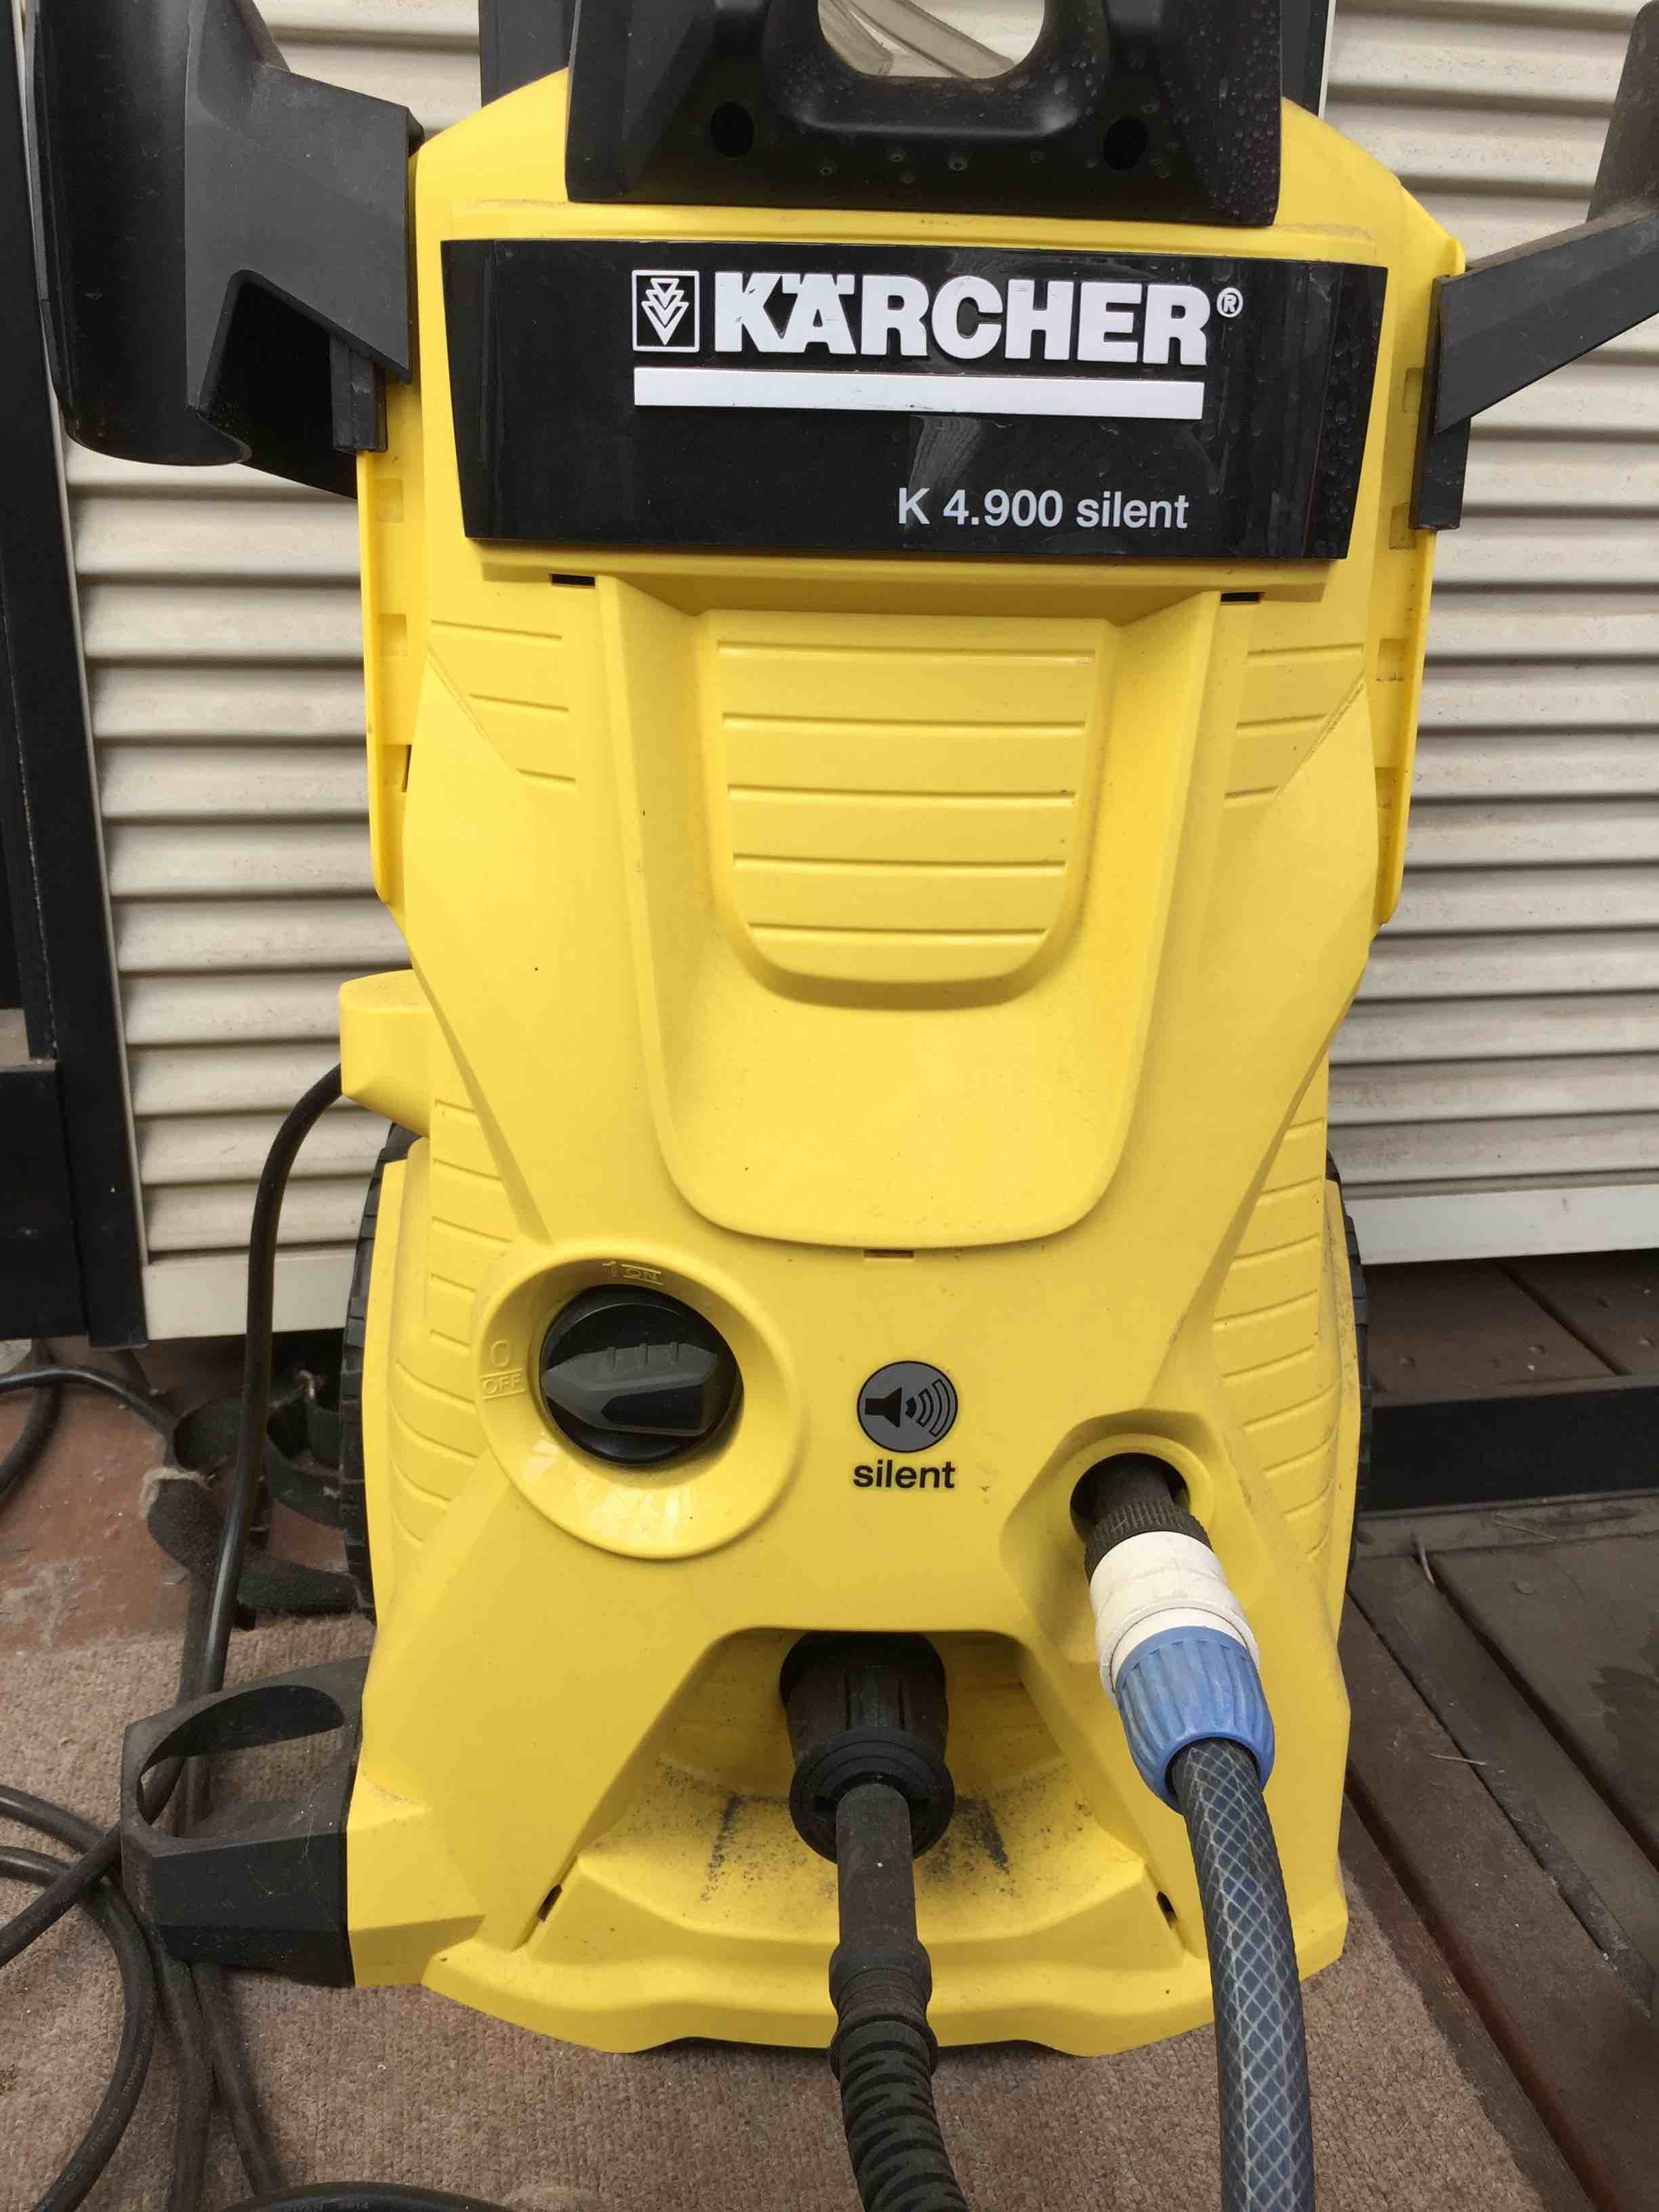 KERCHER-K4_900.jpg